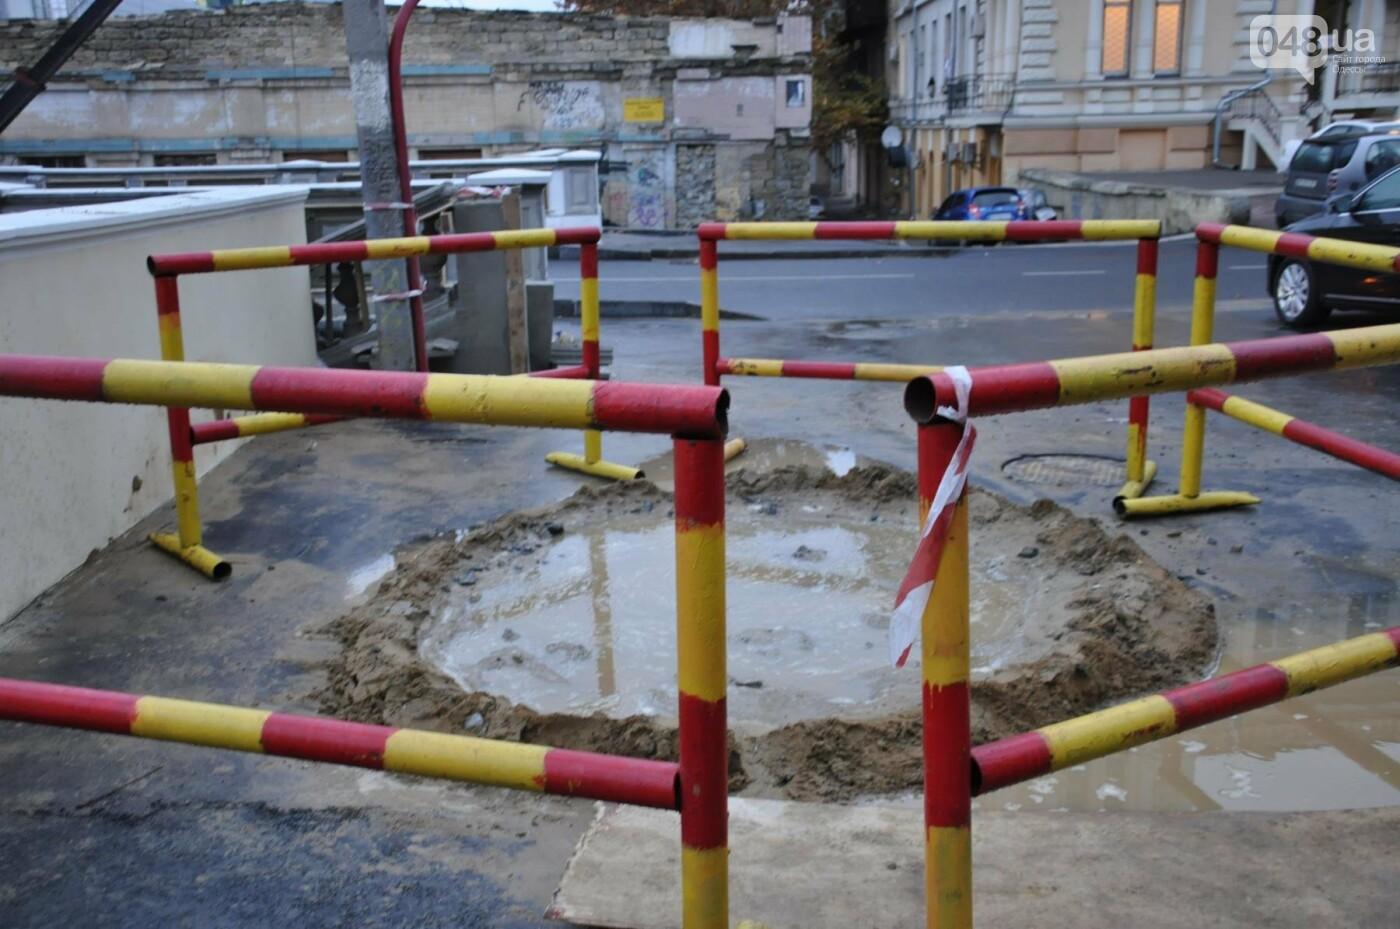 На реконструируемом мосту в Одессе провалился свежий асфальт (ФОТО), фото-2